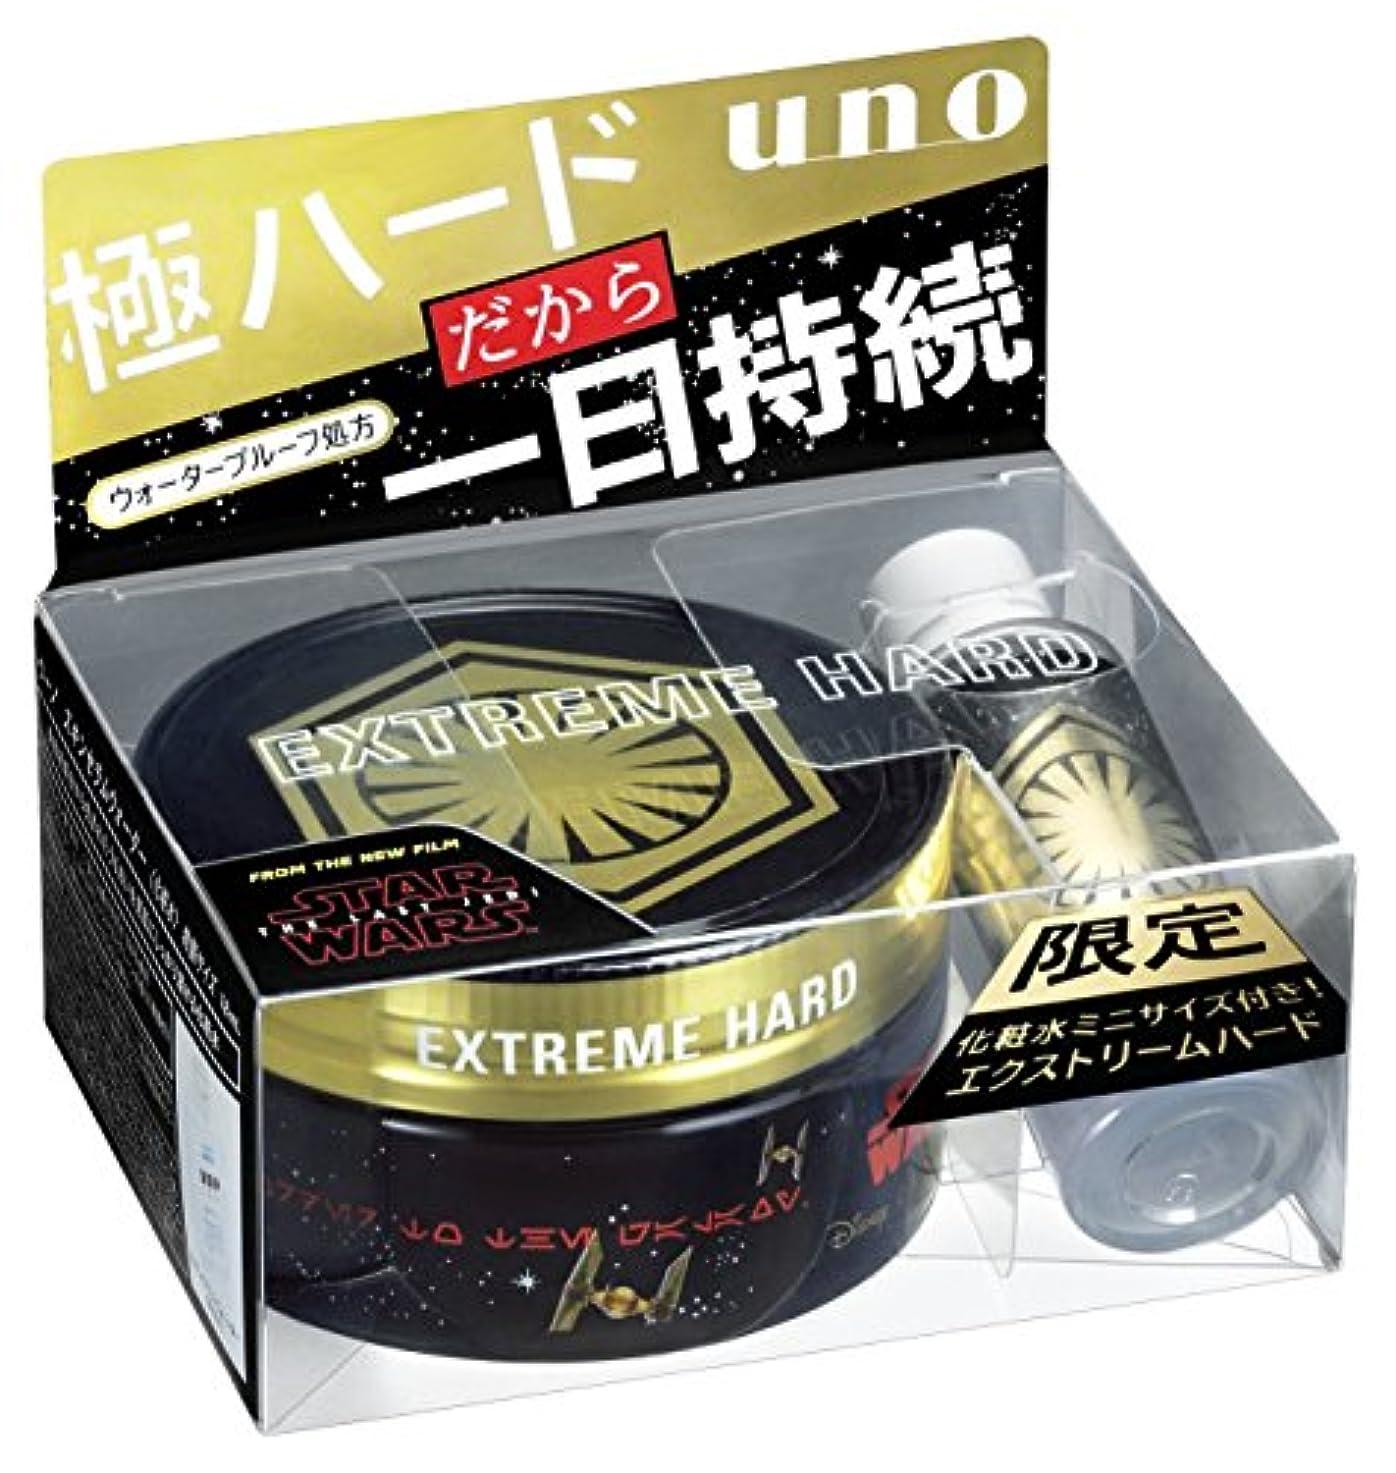 スカーフ不名誉な開いたuno(ウーノ) ウーノ エクストリームハード ワックス 80g スキンセラムウォーターミニボトル付(スターウォーズEp8)